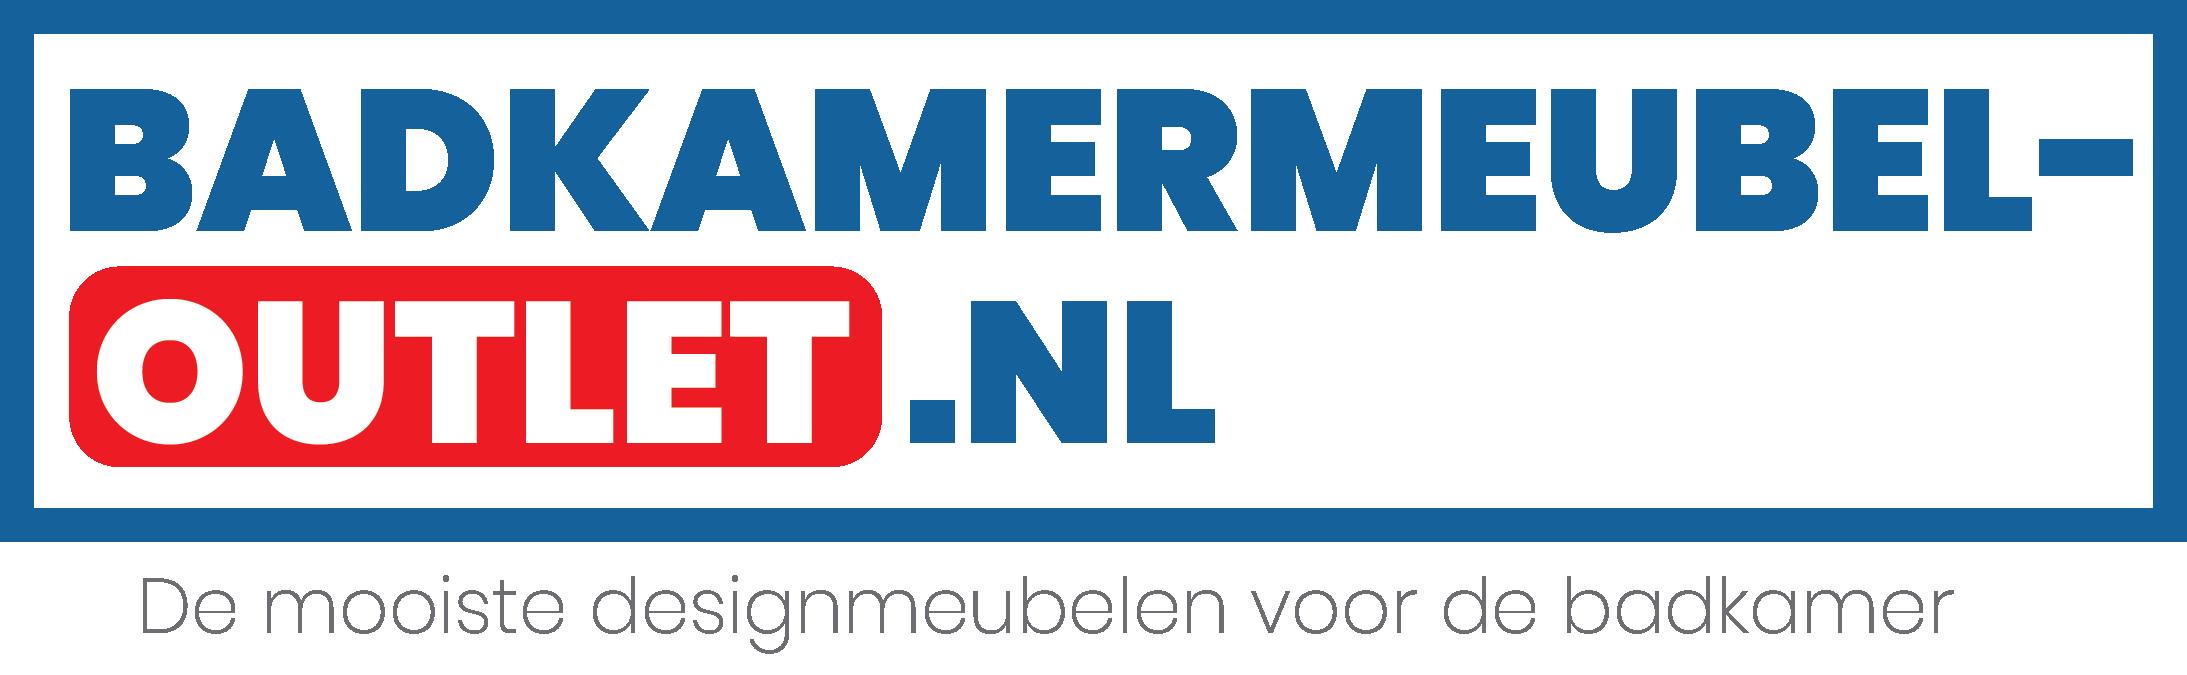 Badkamermeubel-outlet.nl